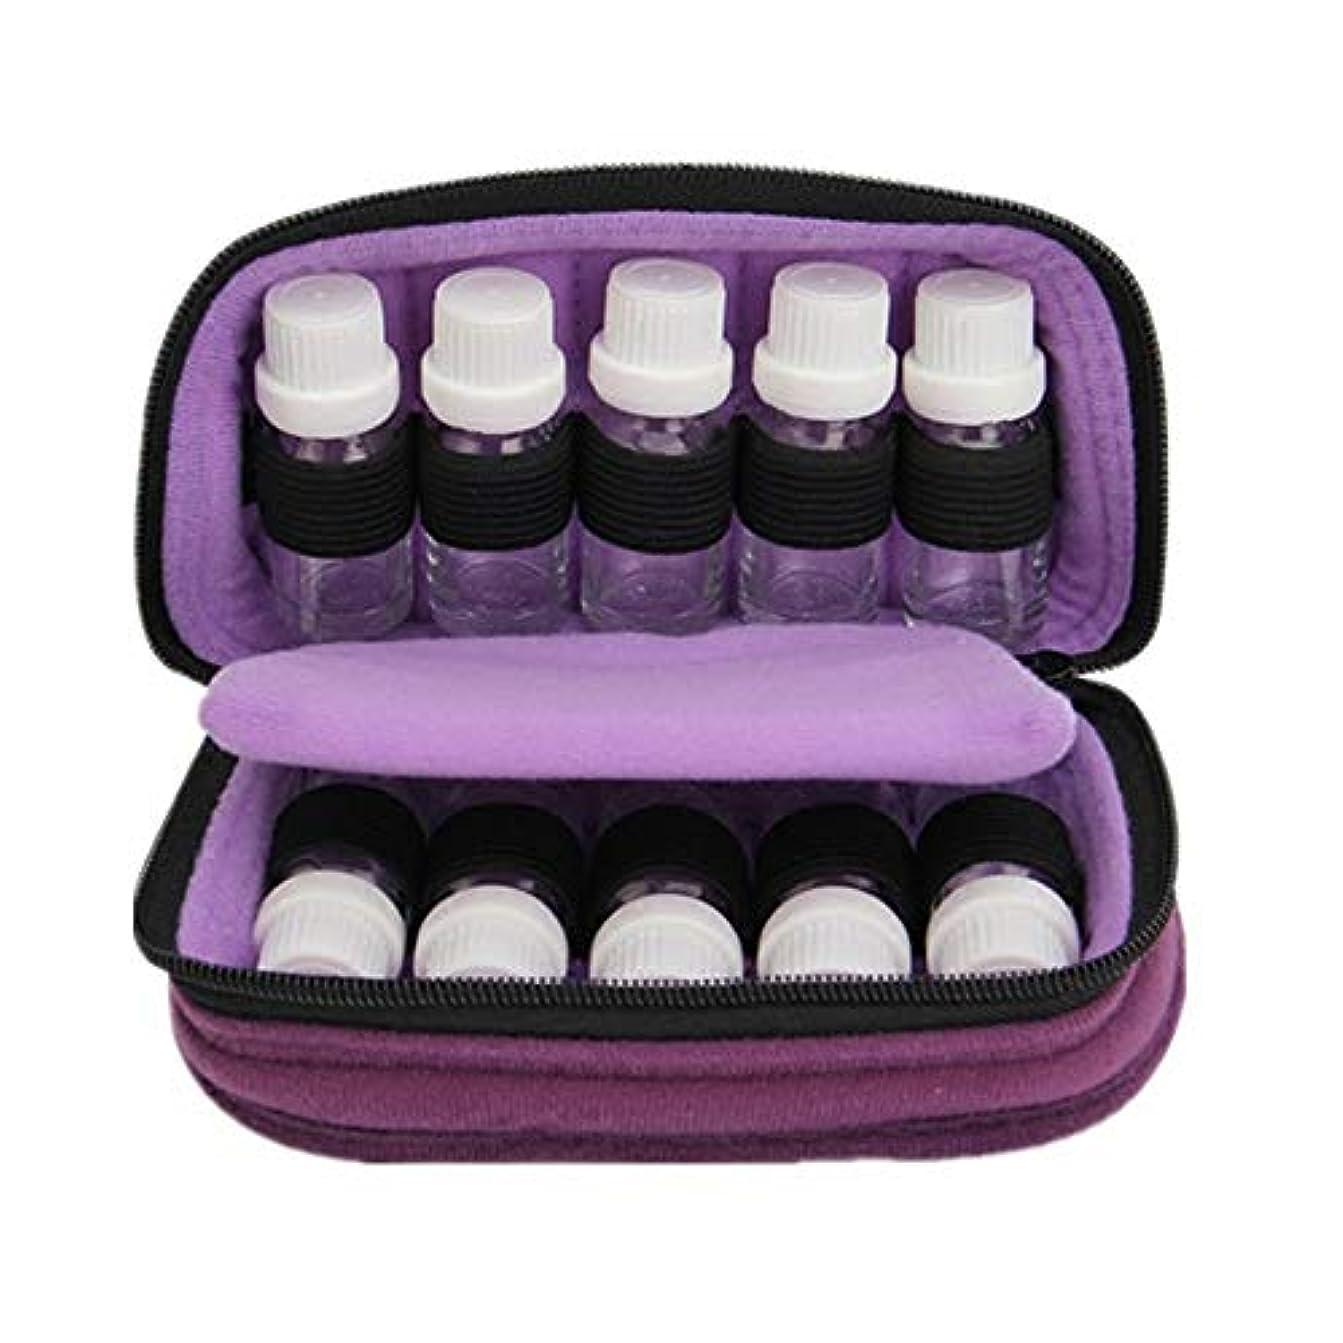 治世徒歩で販売員エッセンシャルオイルの保管 ケース収納キャリング10ボトルエッセンシャルオイルは、走行用の10&15のM1トラベルオーガナイザーポーチバッグパーフェクトにフィット (色 : 紫の, サイズ : 18X10X7.5CM)